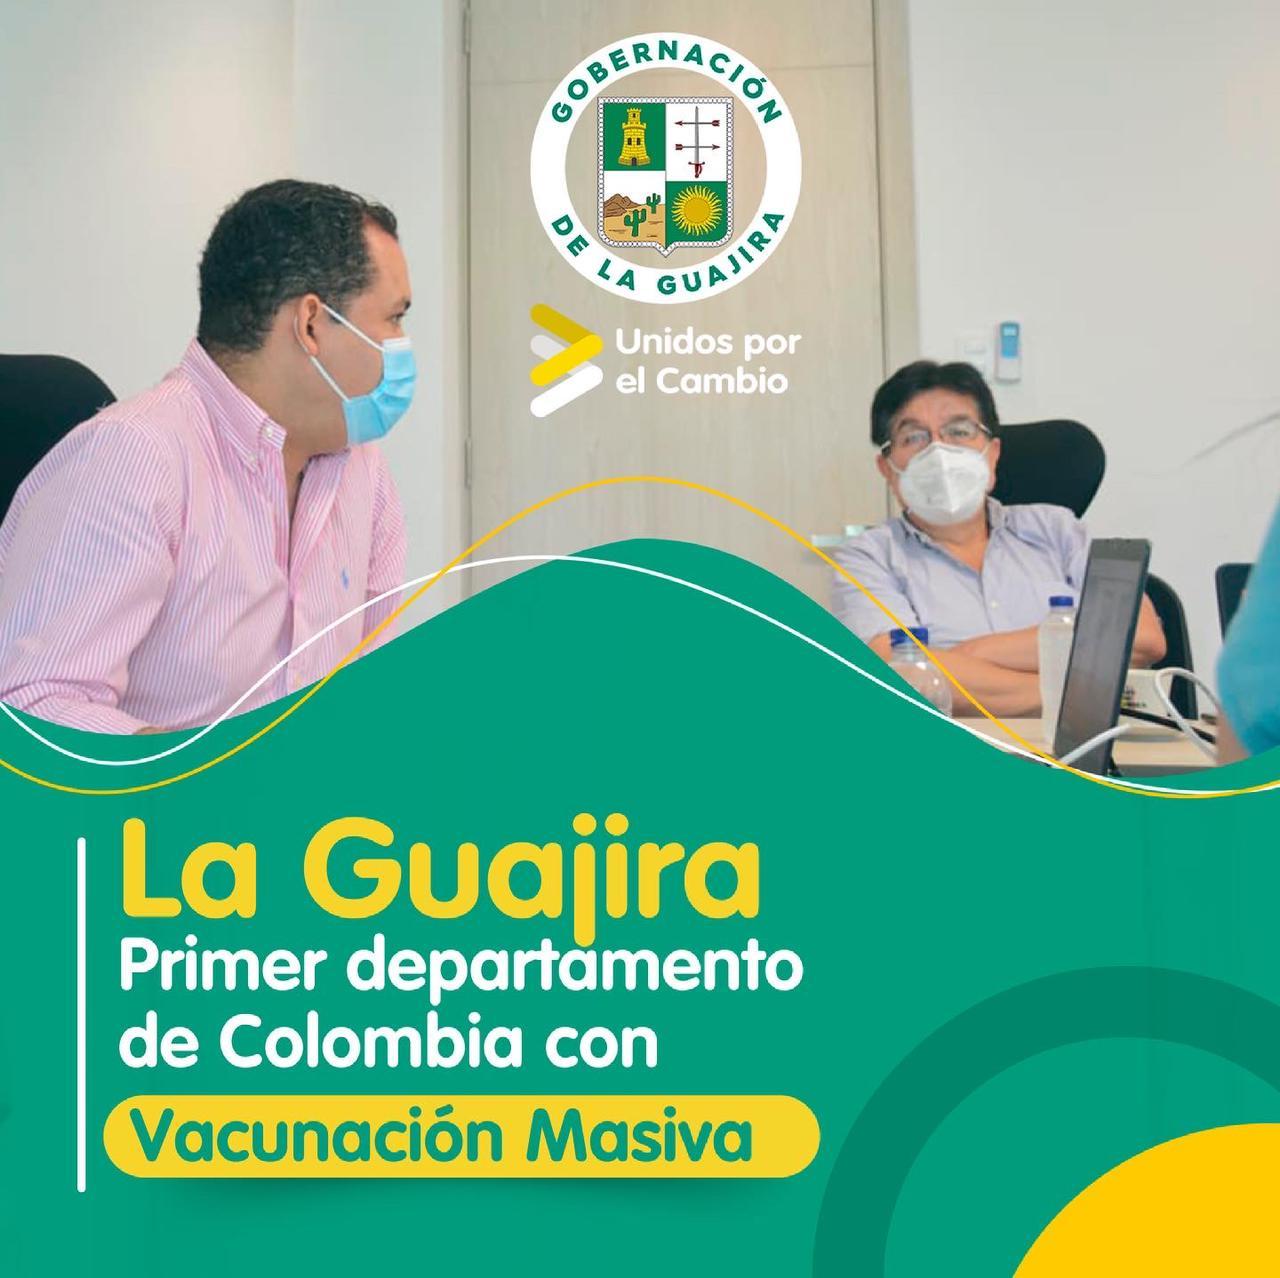 https://www.notasrosas.com/La Guajira, a la vanguardia de la vacunación masiva en Colombia